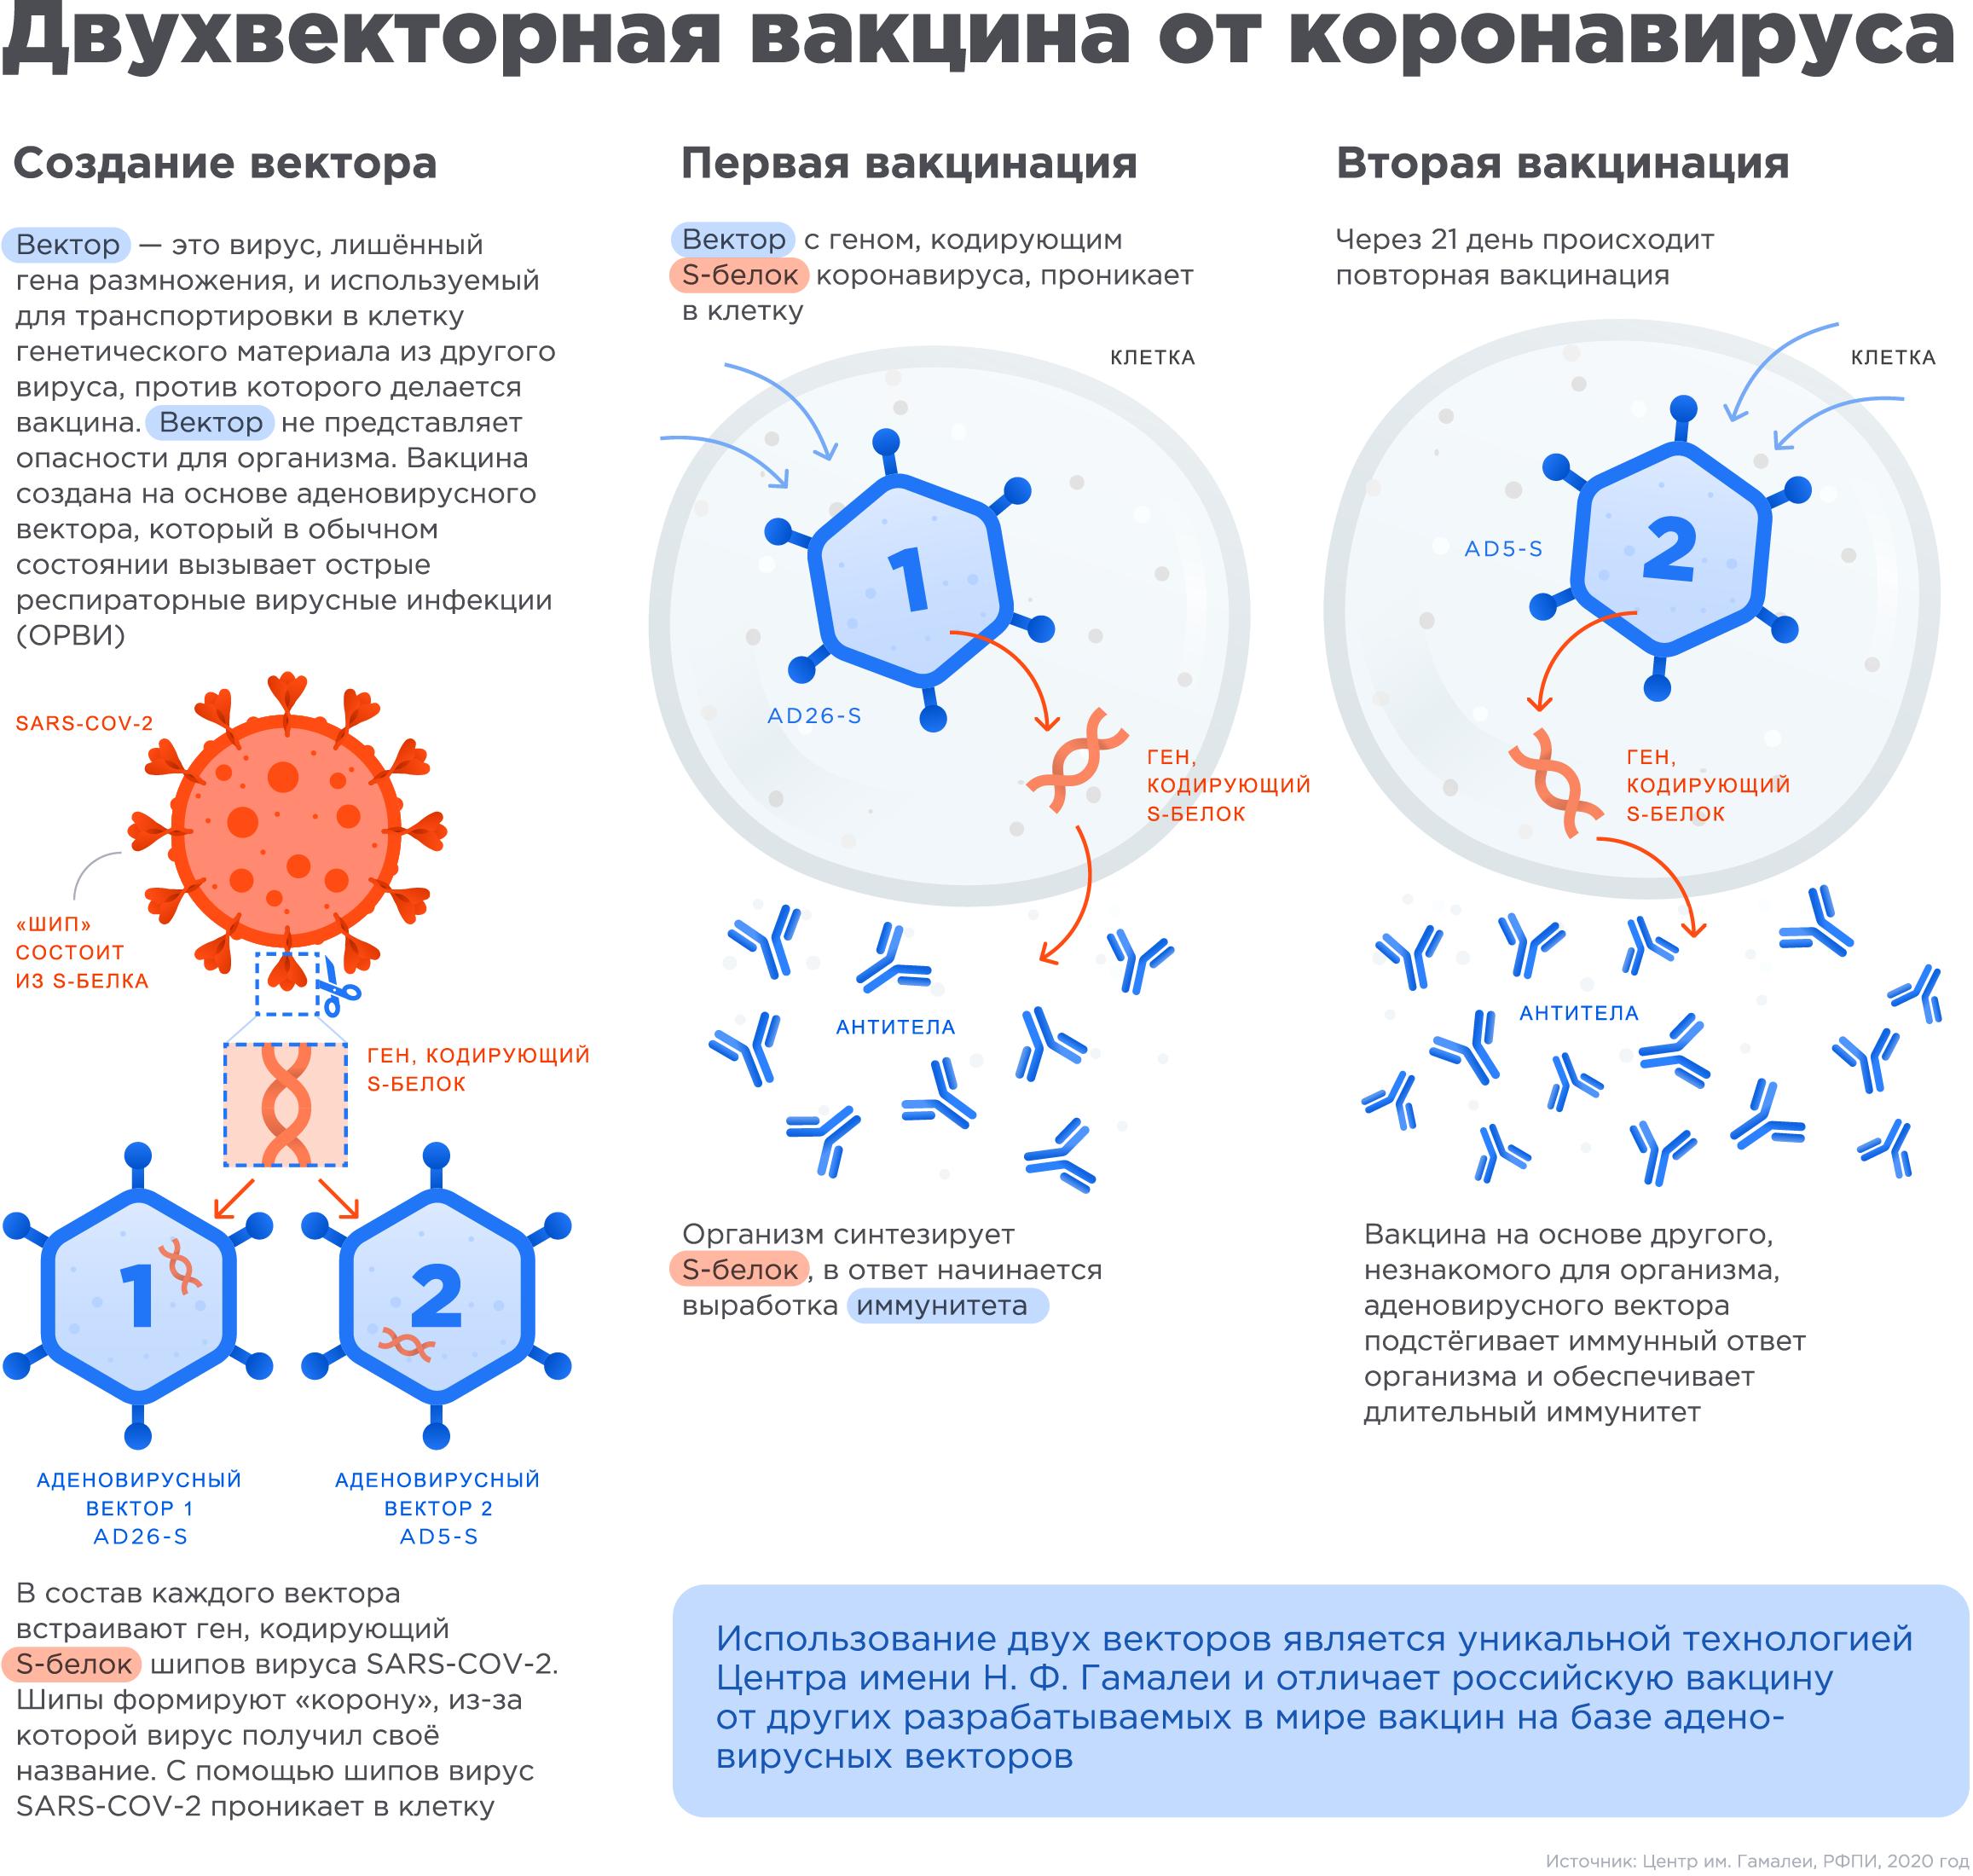 Двухвекторная вакцина от коронавируса